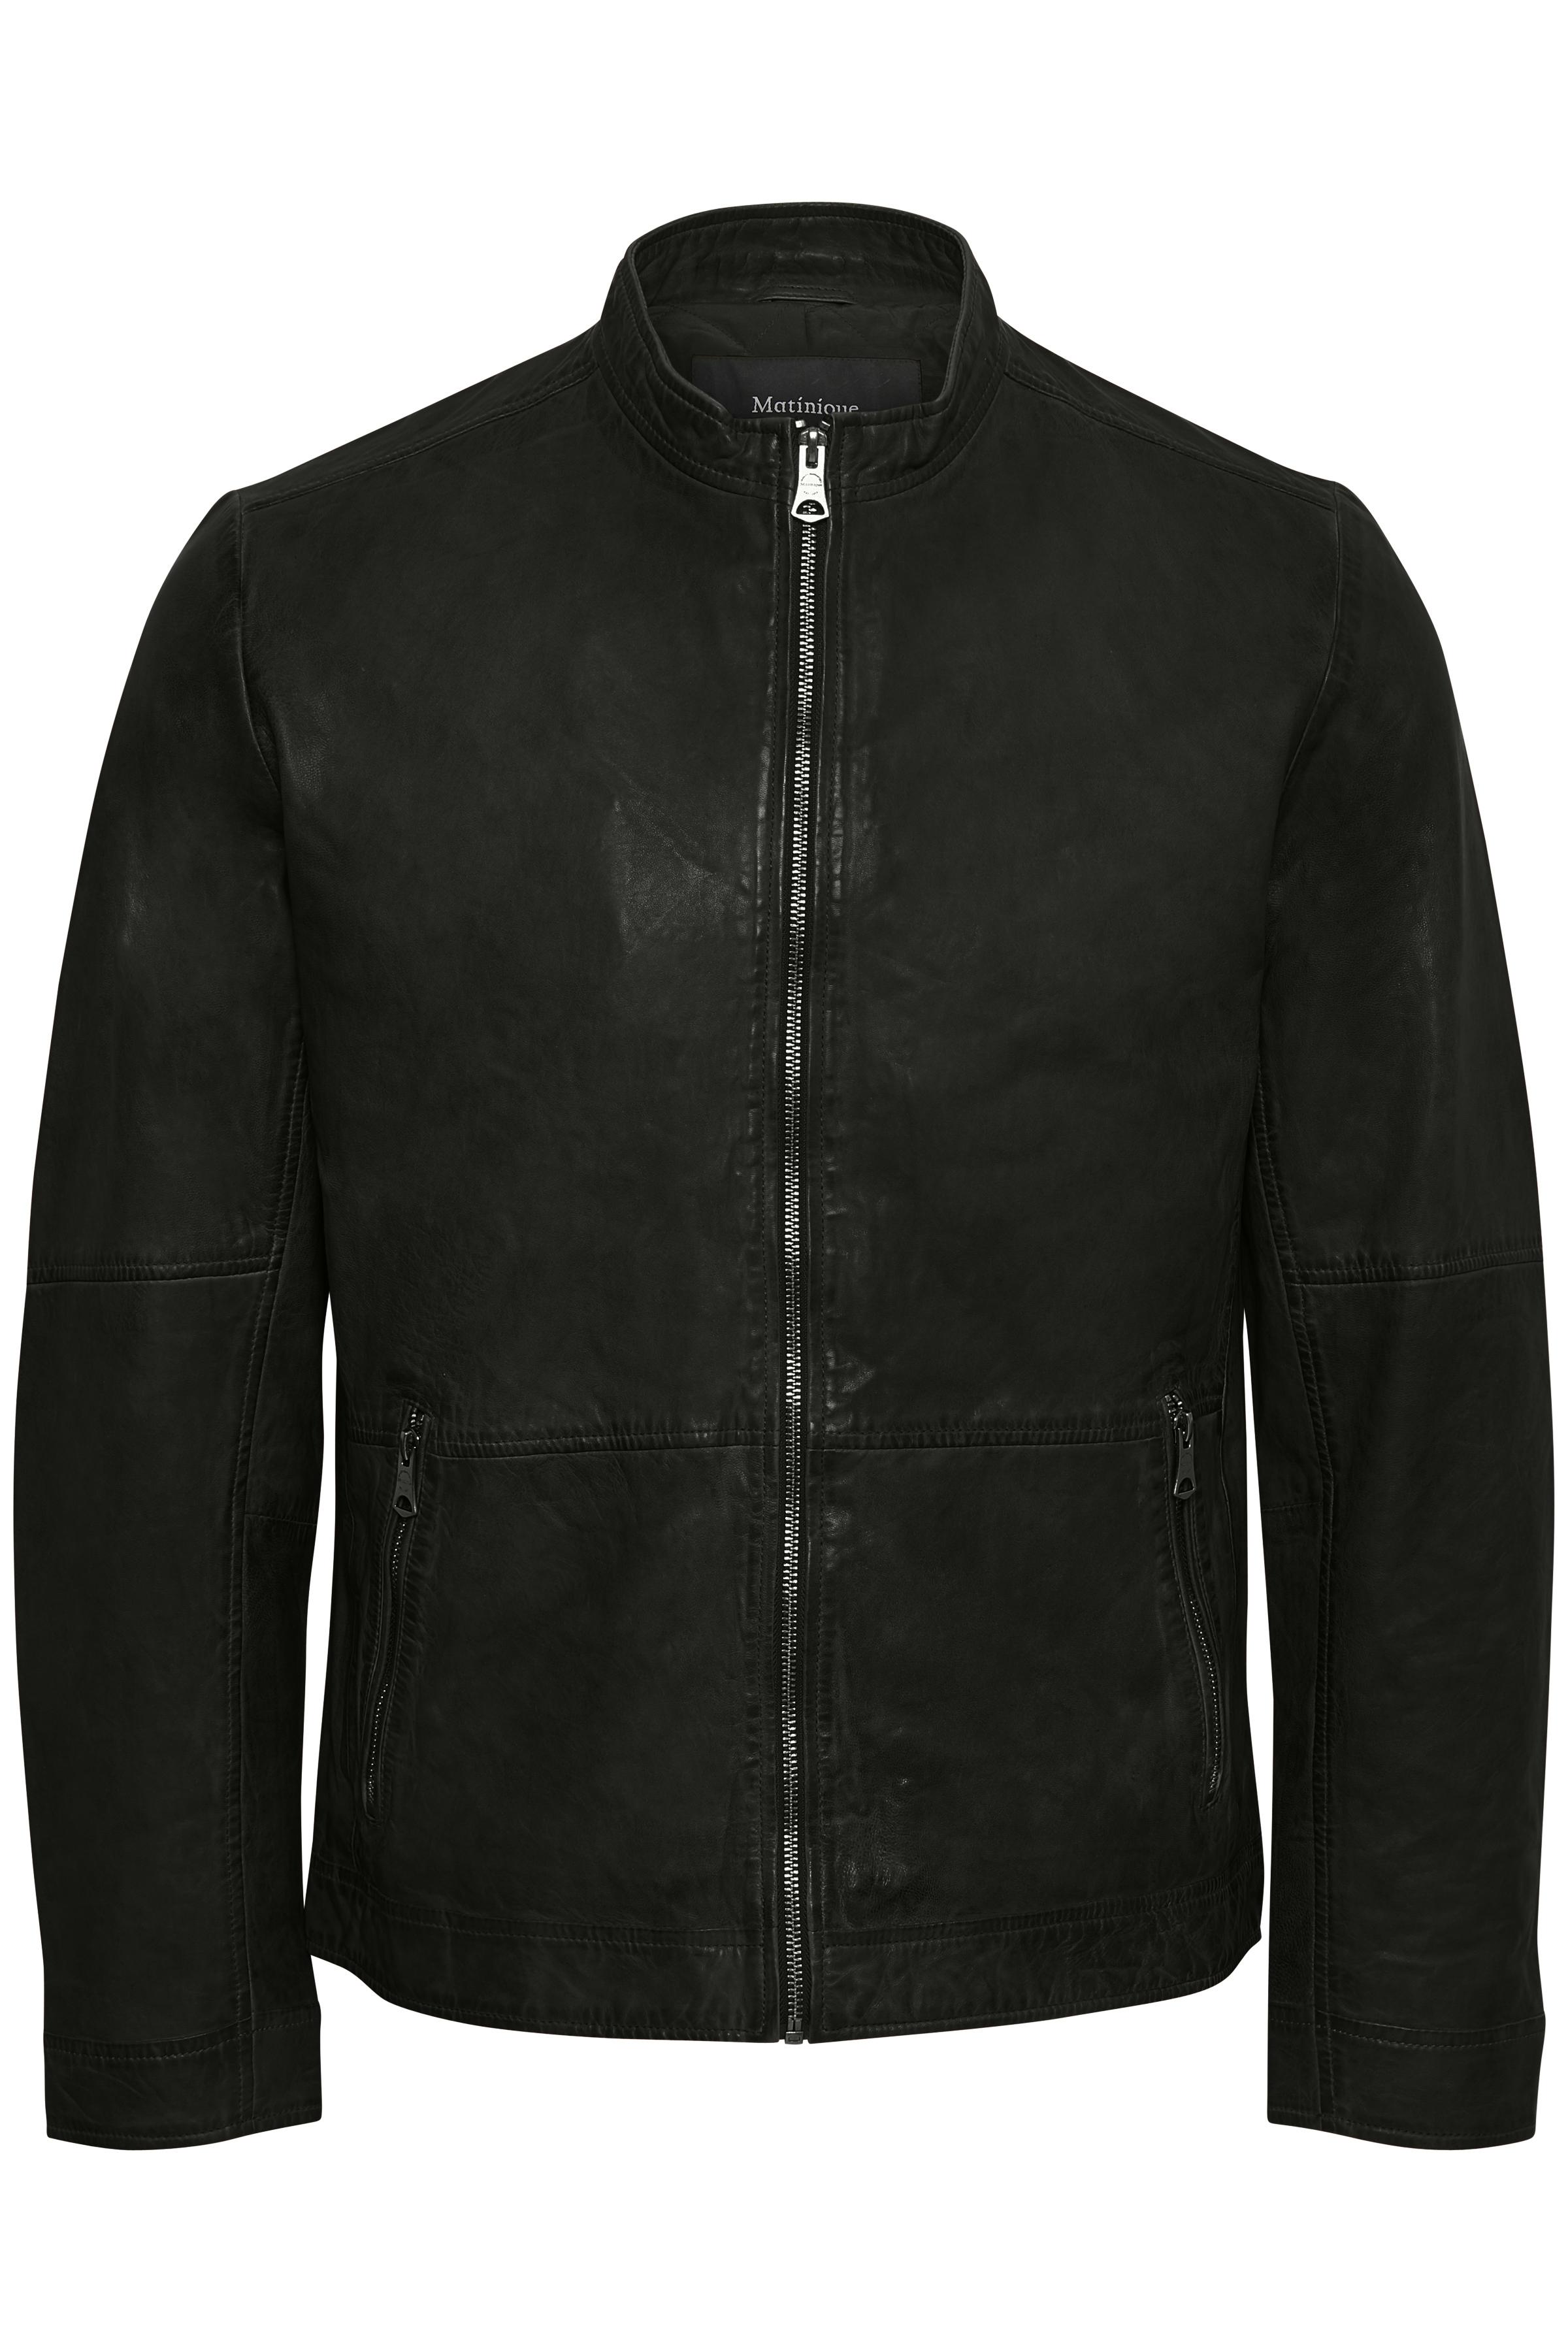 Black Adron Skindjakke – Køb Black Adron Skindjakke fra str. S-XXL her